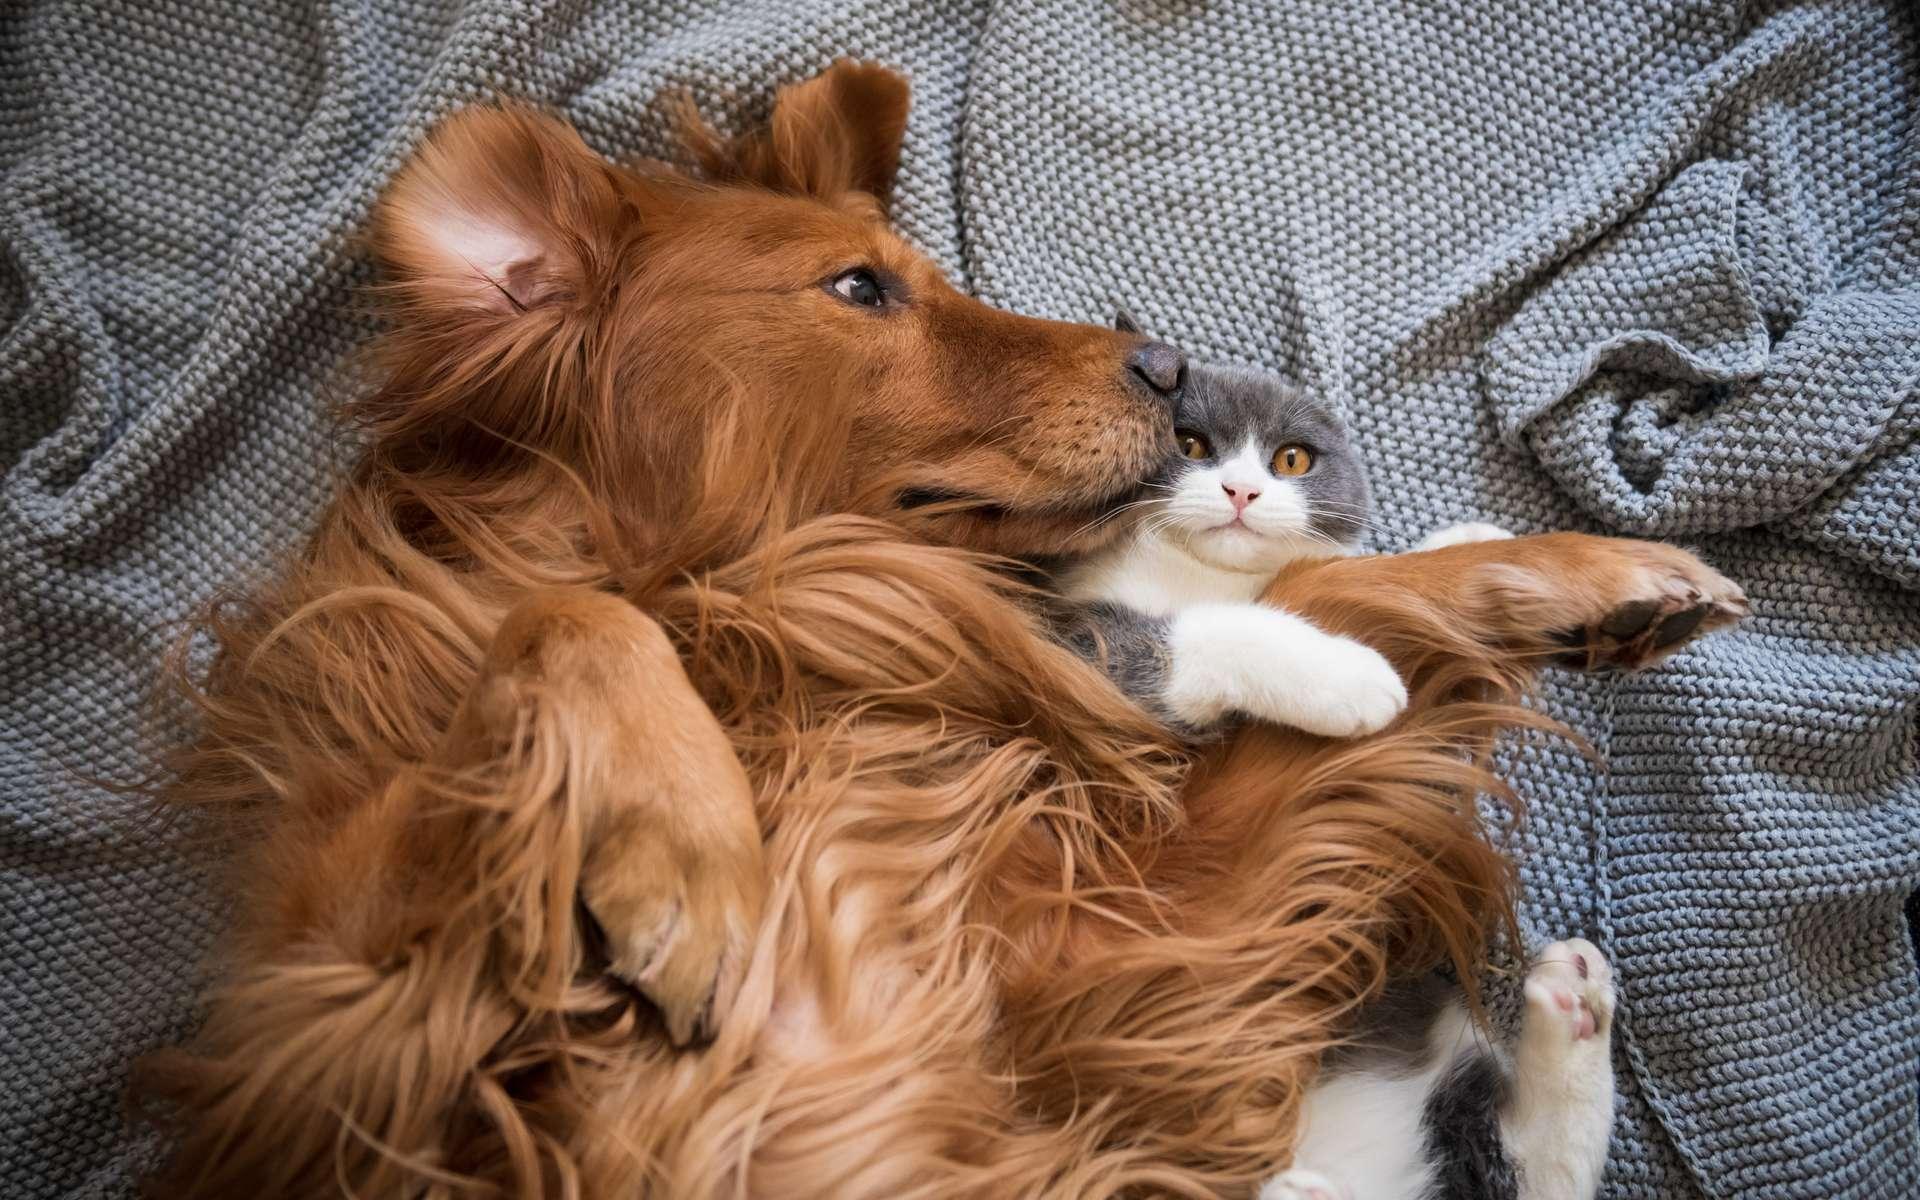 D'après une enquête transversale menée auprès de résidents britanniques entre avril et juin 2020, nos animaux de compagnie ont pris soin de notre santé mentale pendant le confinement. © chendongshan, Adobe Stock